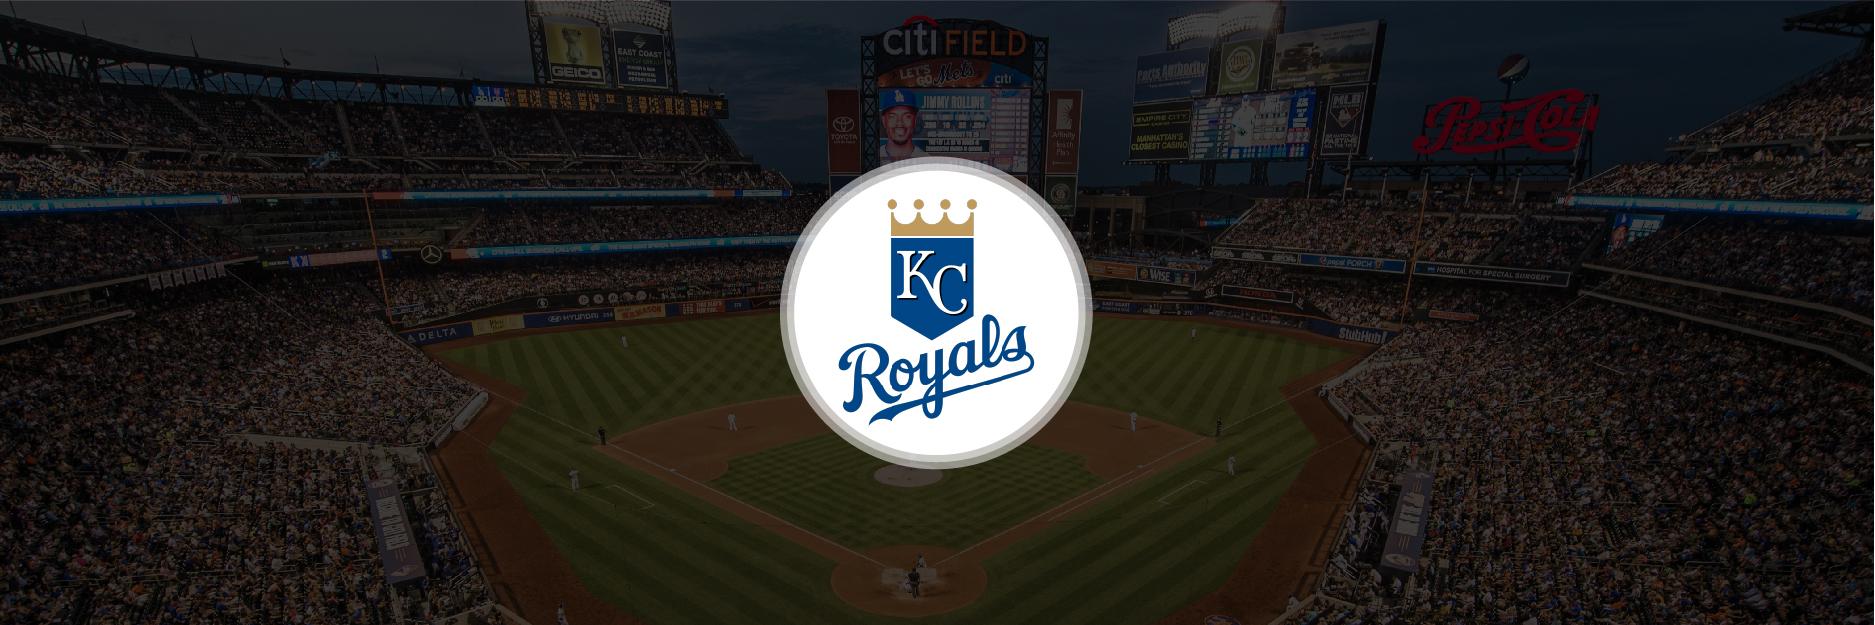 Kansas City Royals 2020 Pre-Season Analysis